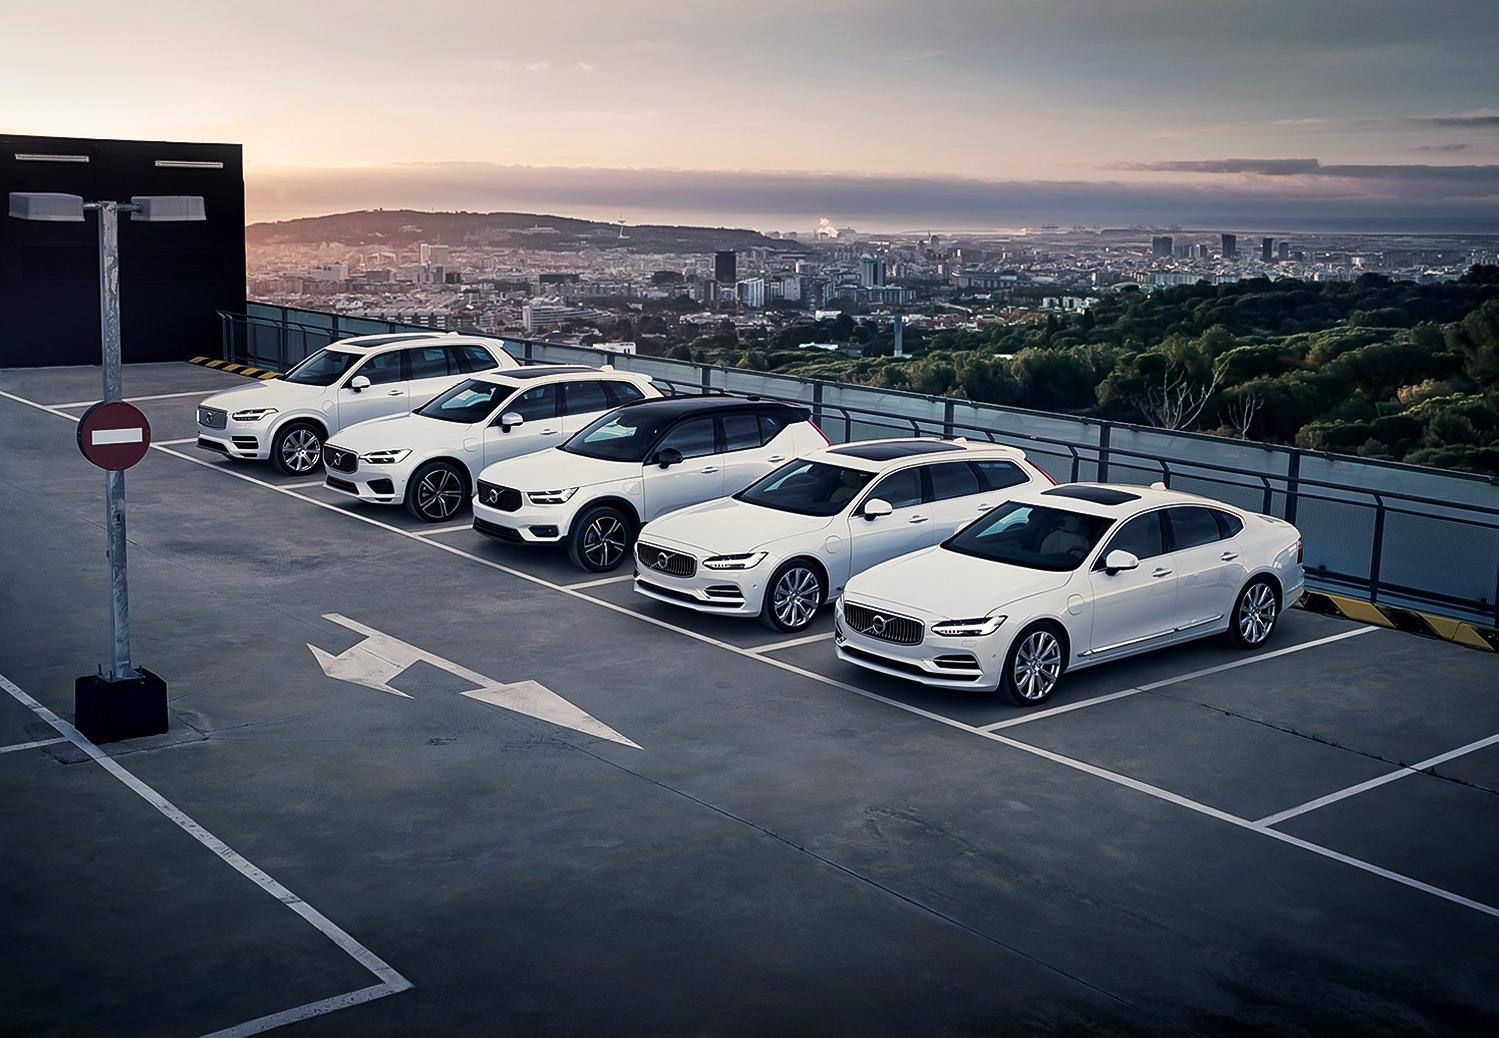 Volvo vestigt nieuw wereldwijd verkooprecord